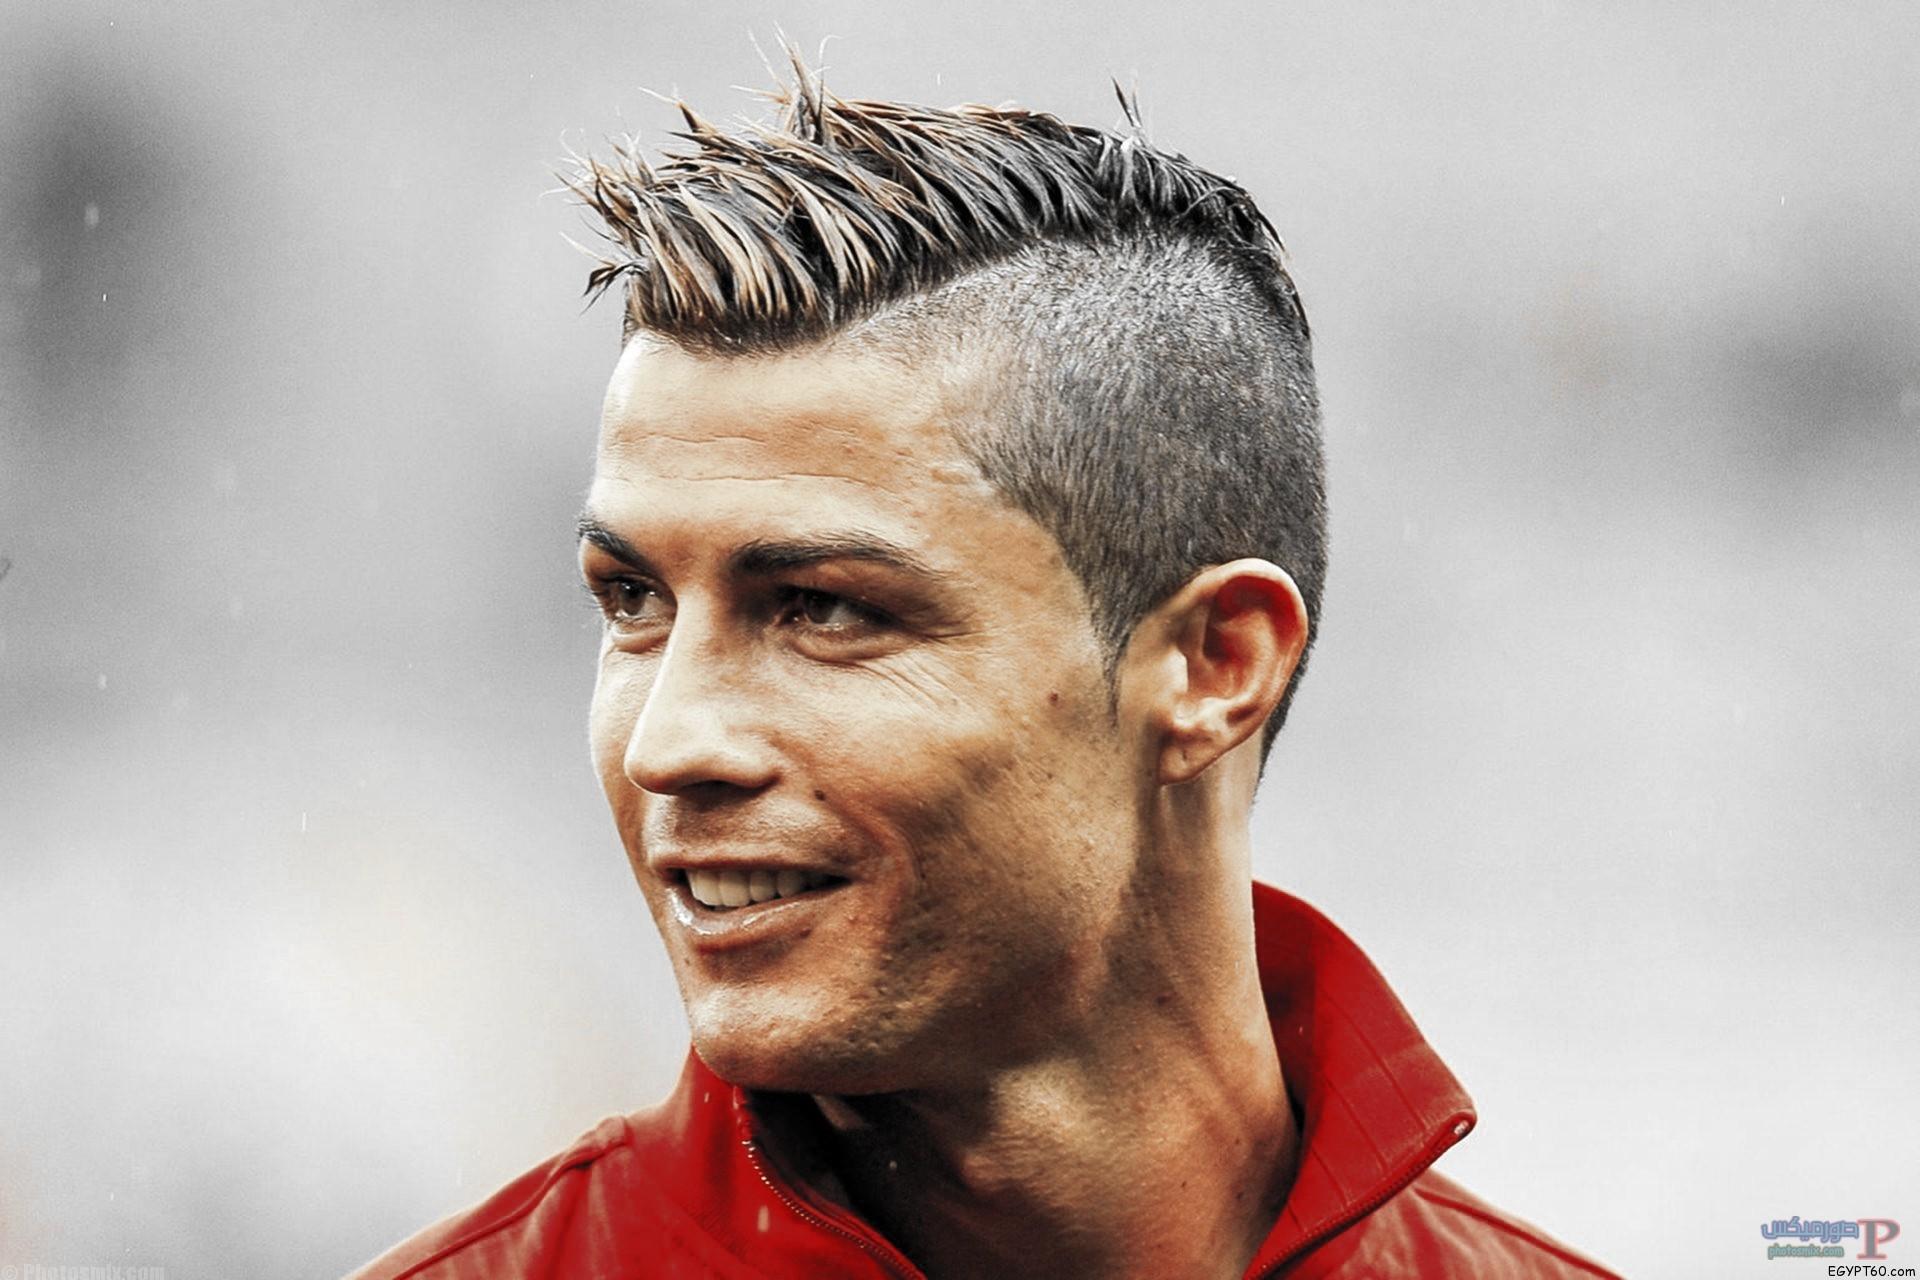 -خلفيات-اللاعب-رونالدو-3-1 صور كريستيانو رونالدو , اجمل صور Ronaldo 2018 , خلفيات ورمزيات رونالدو